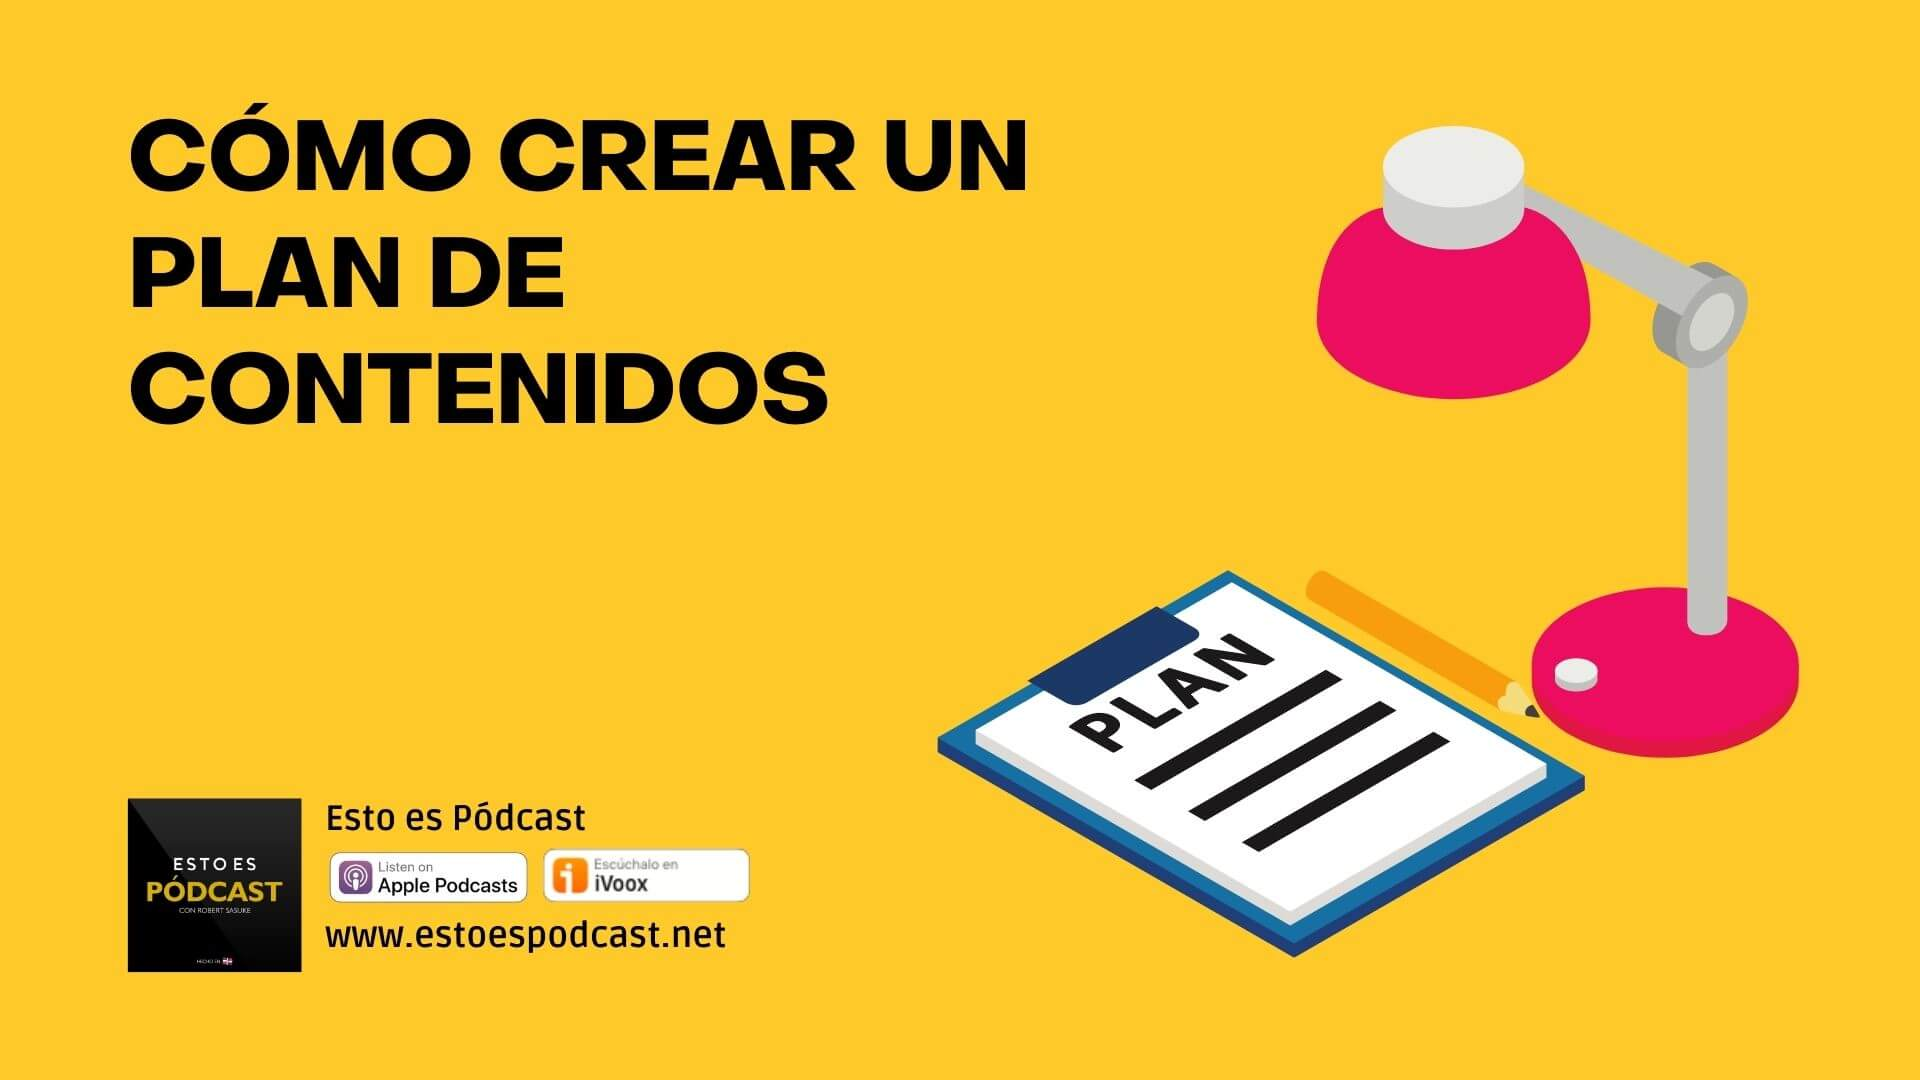 Las 3 Maneras para Crear un Plan de Contenidos para mi Podcast